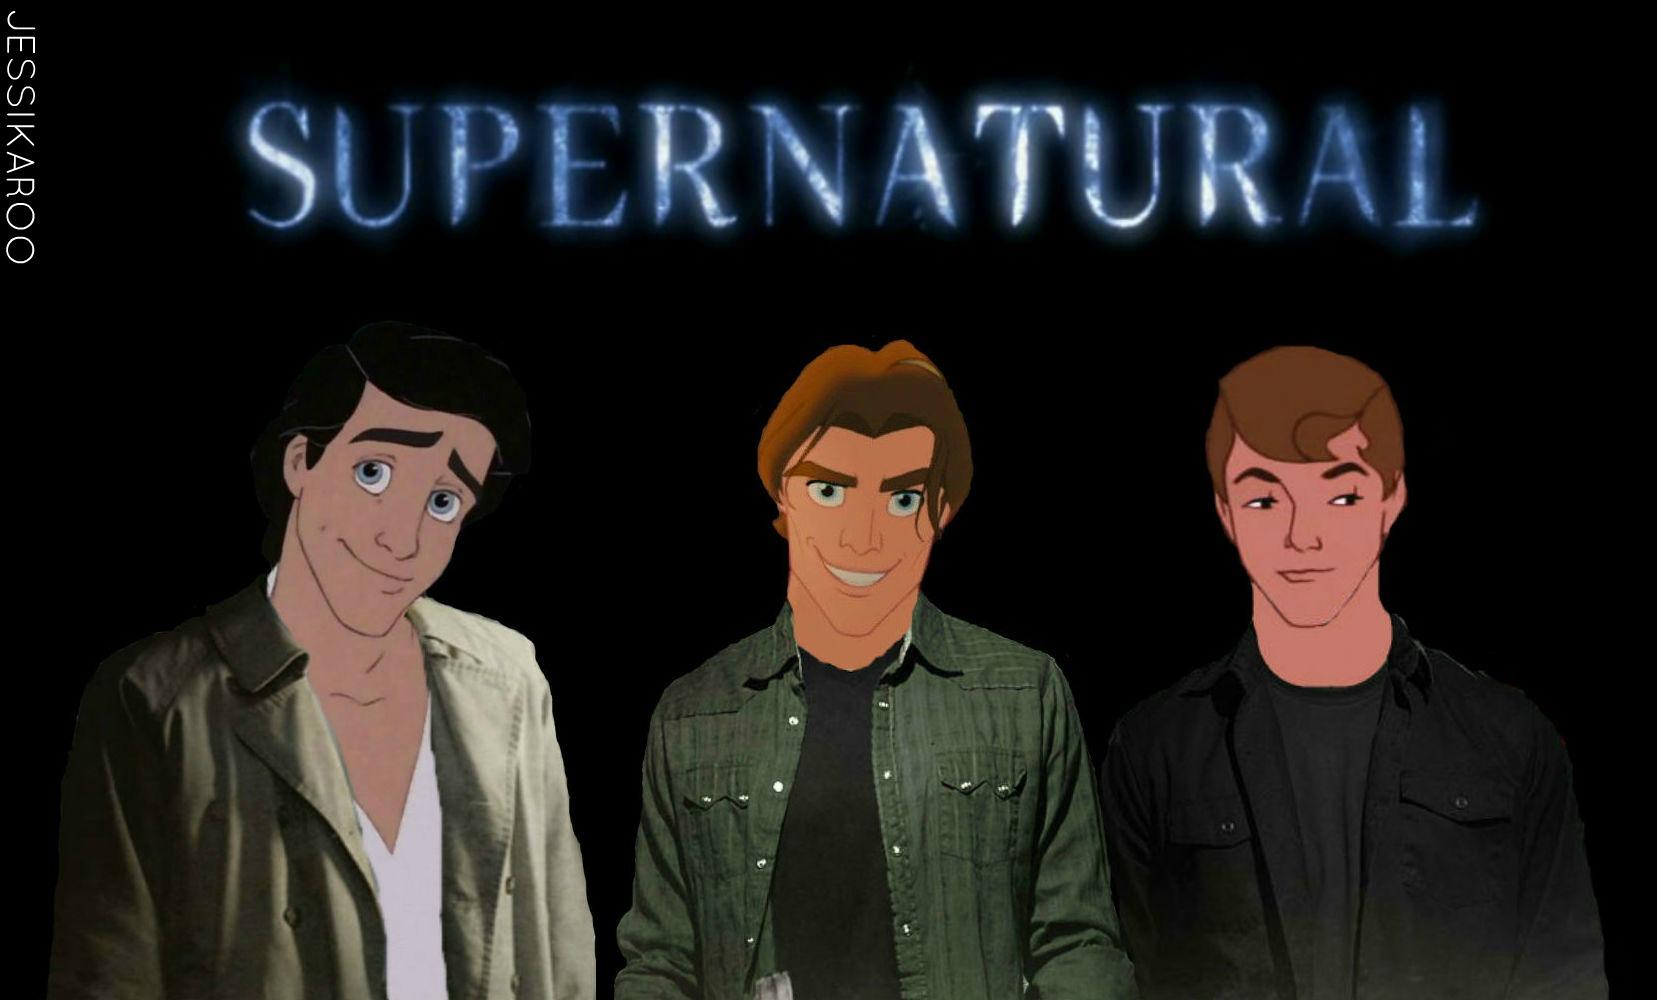 Supernatural Crossover